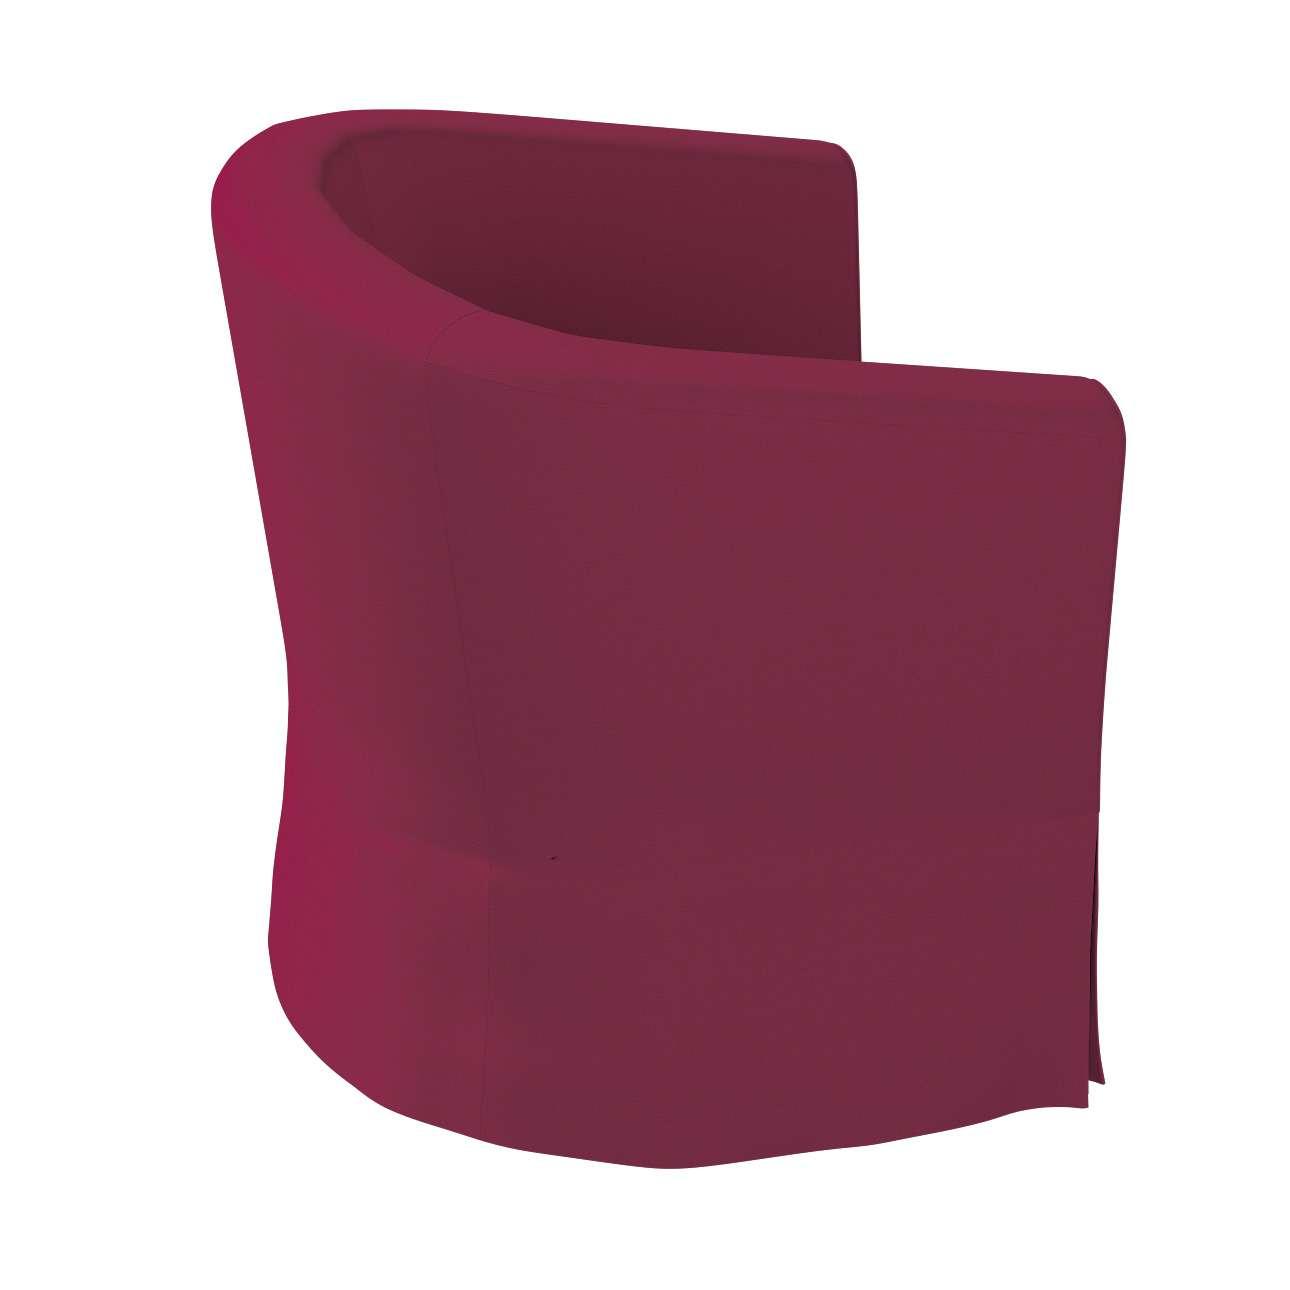 Pokrowiec na fotel Ektorp Tullsta w kolekcji Cotton Panama, tkanina: 702-32